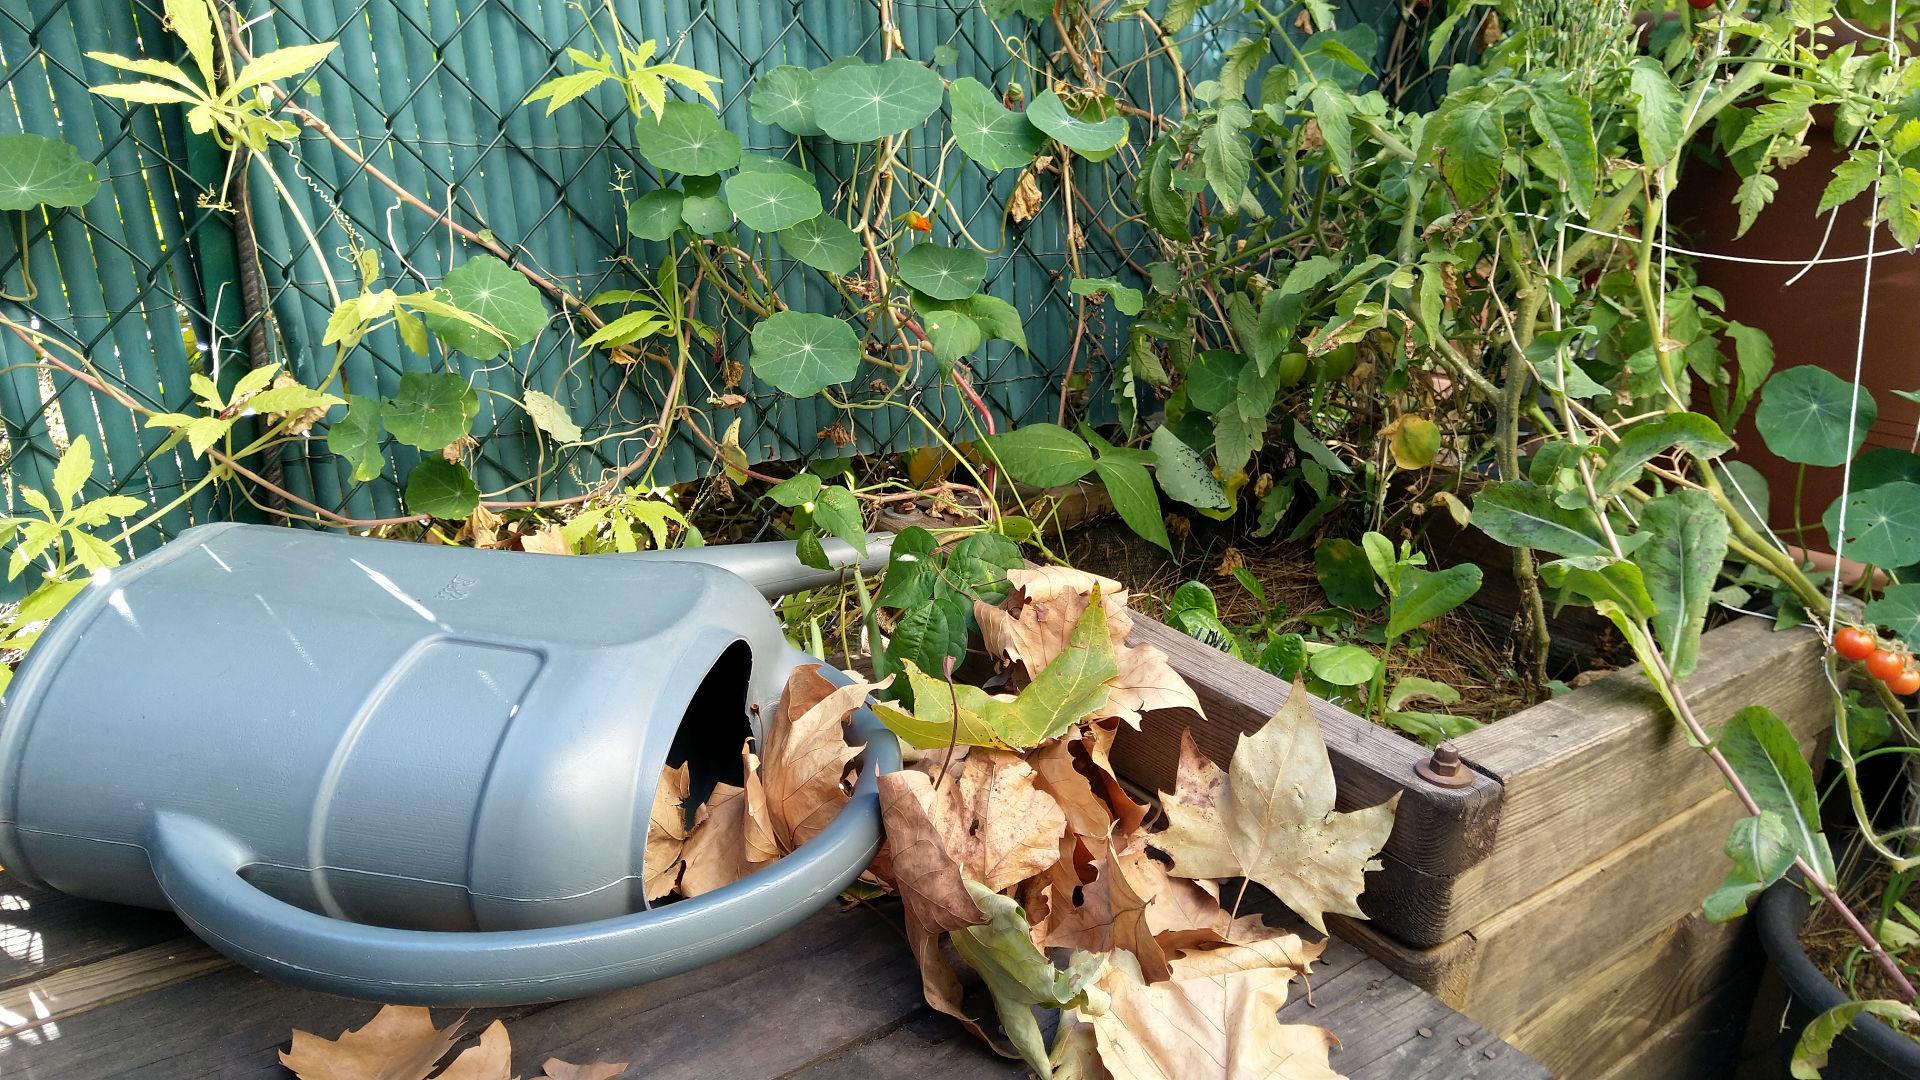 arrosoir-pot-fleurs-automne-potager-terrasse